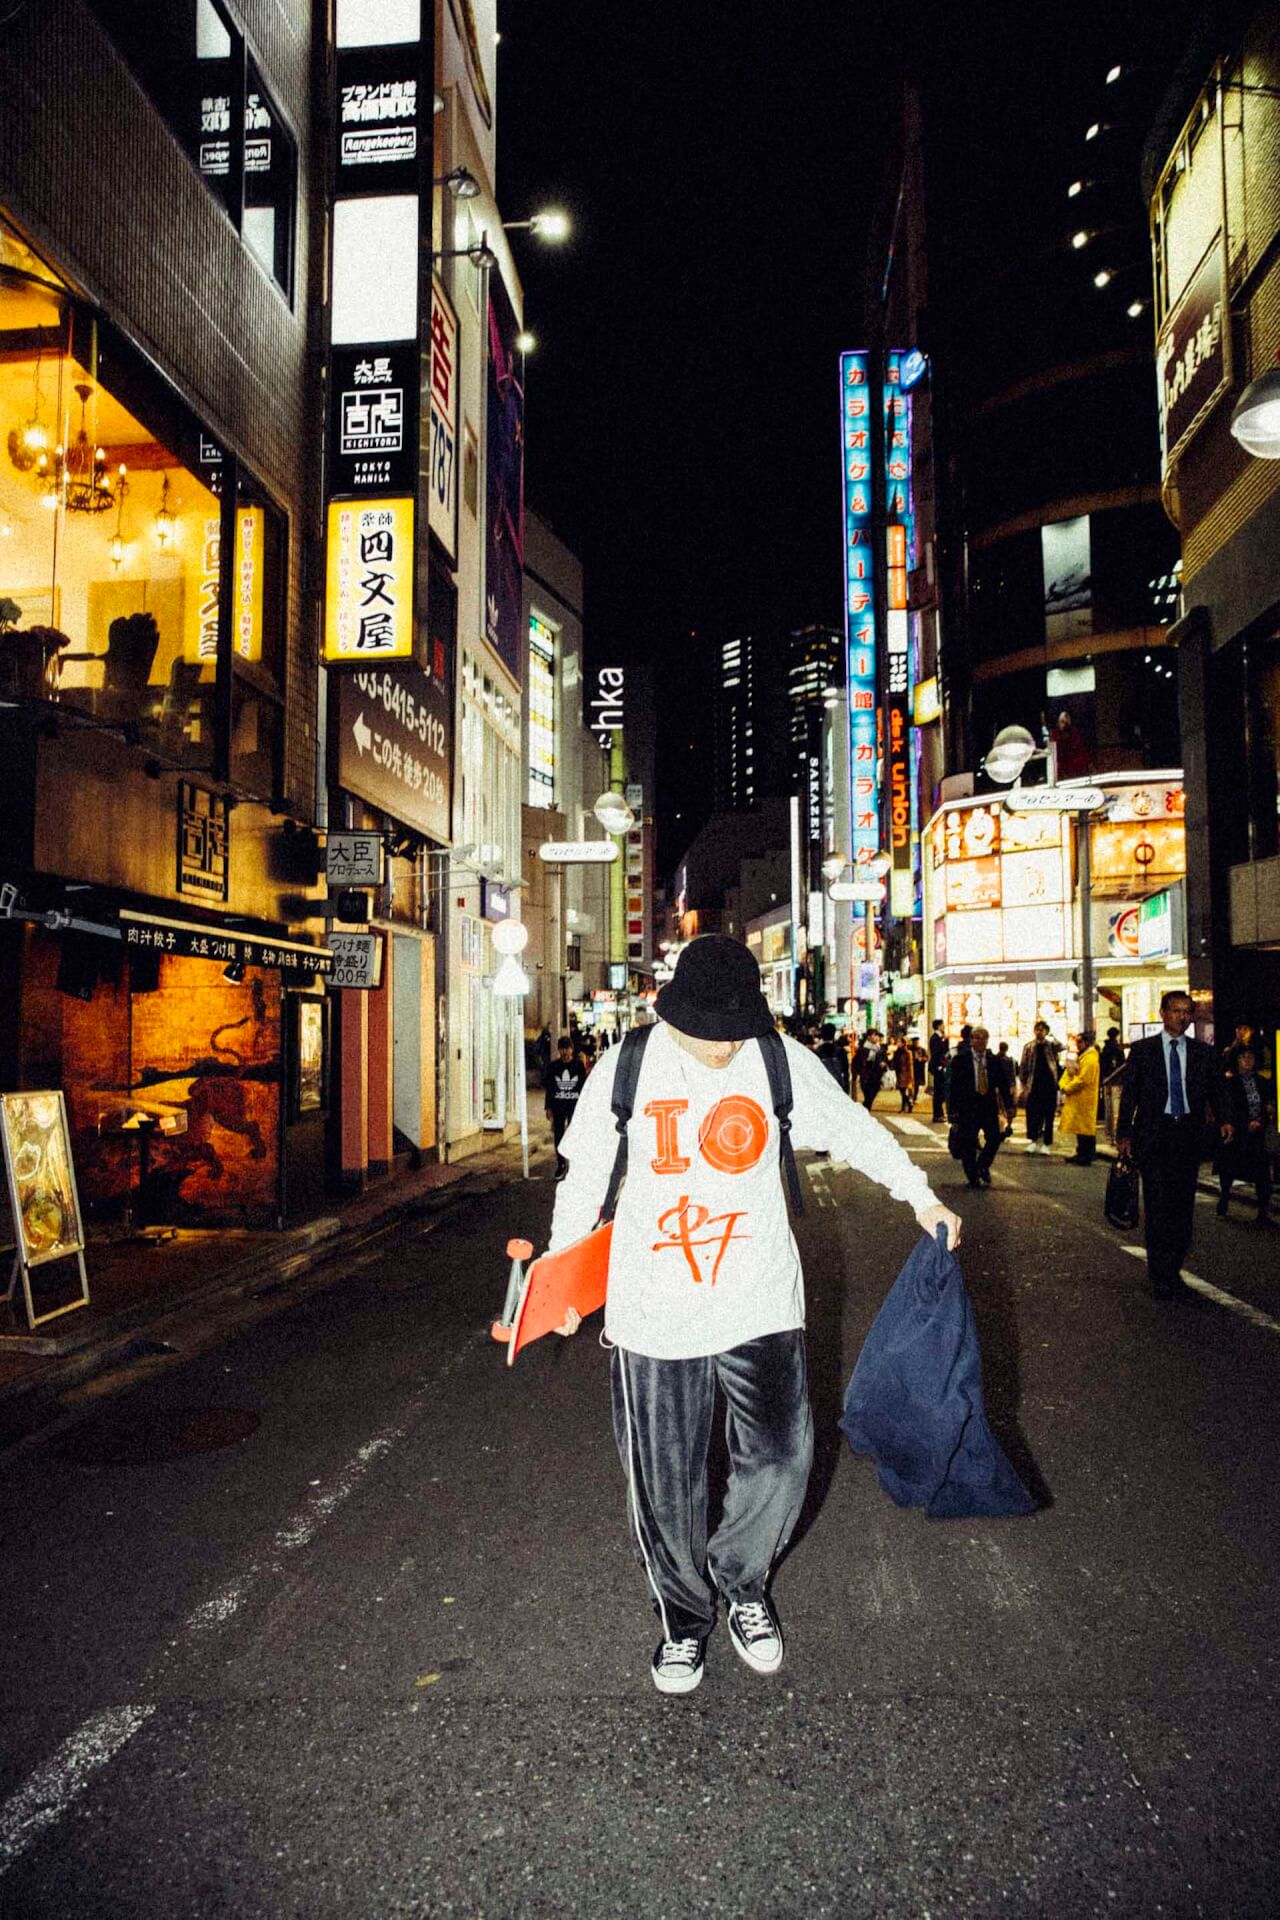 高岩遼のモノローグ|『10』リリースライブに向けて ryo-takaiwa101210-28